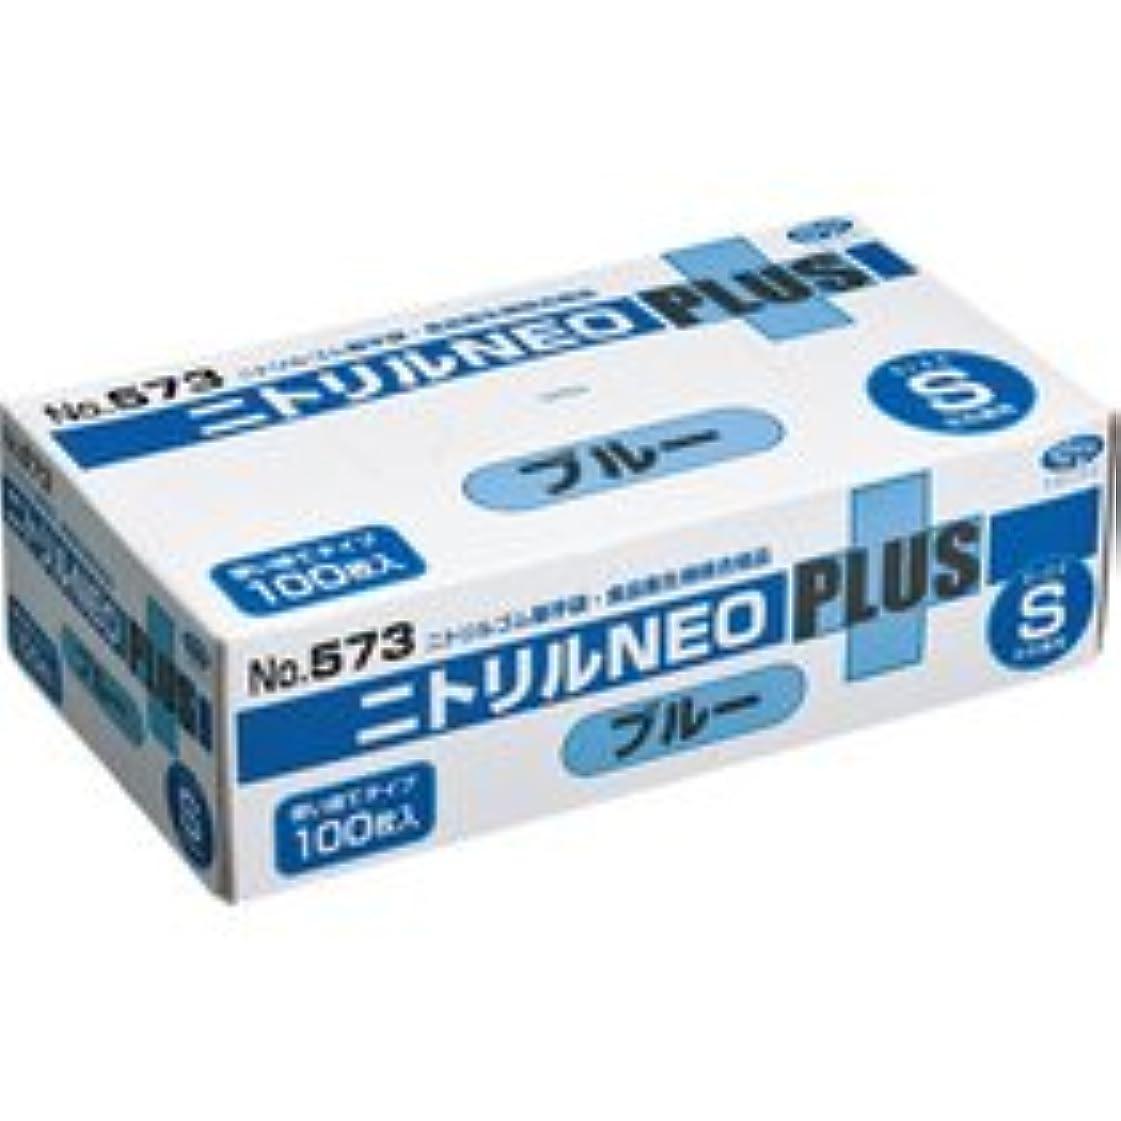 行列ペストリー疑い者エブノ ニトリルNEOプラス パウダーイン ブルー S NO-573 1箱(100枚)